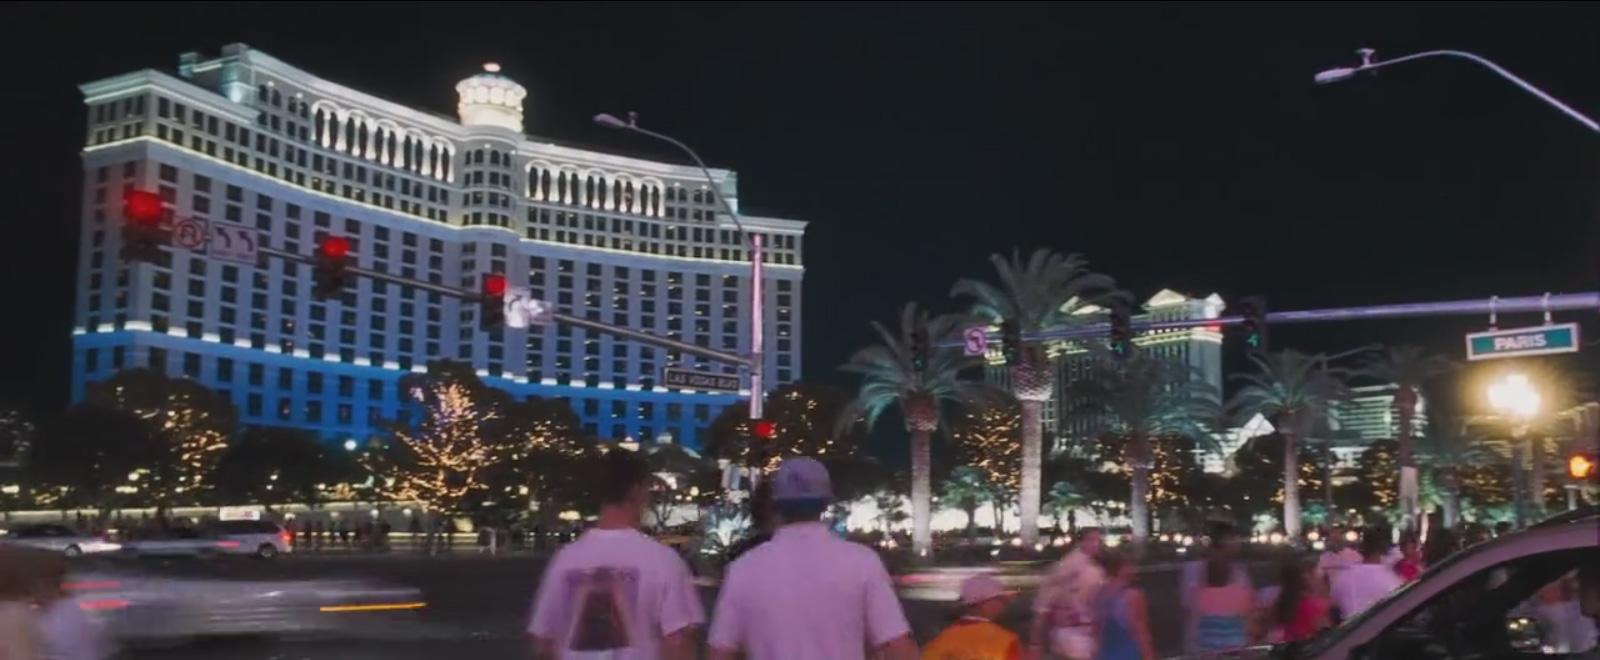 Who owns the bellagio casino iowa riverside casino